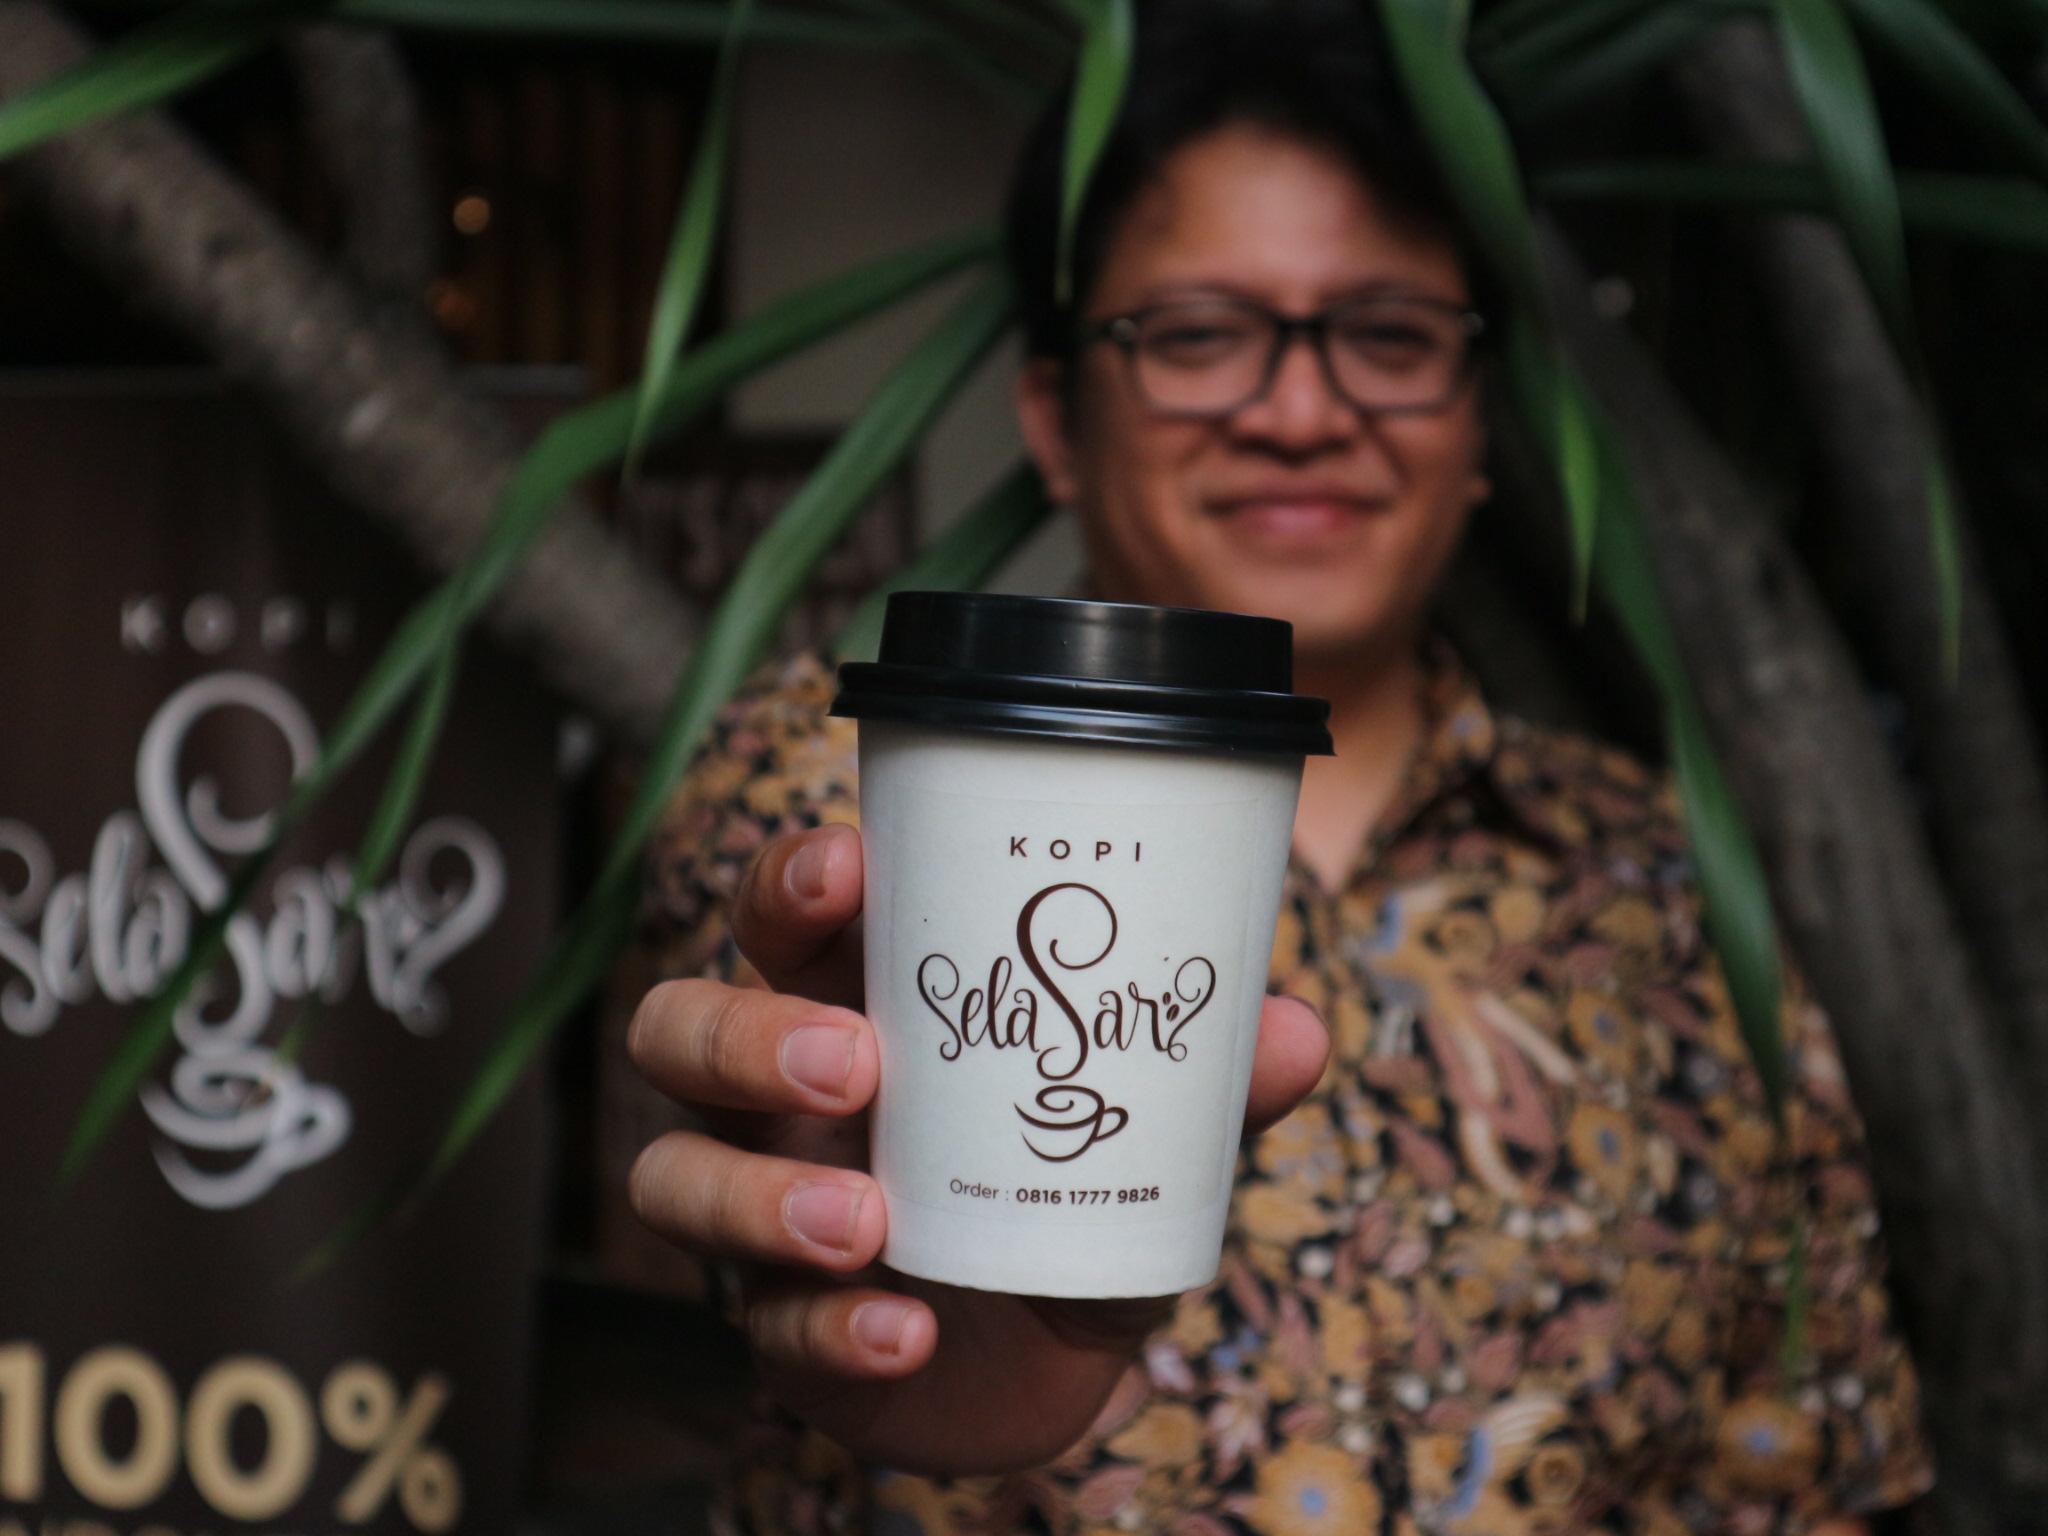 @ariefpokto's cover photo for 'Mencicip Kopi Khas Aceh di Kopi Selasar · AriefPokto.com'